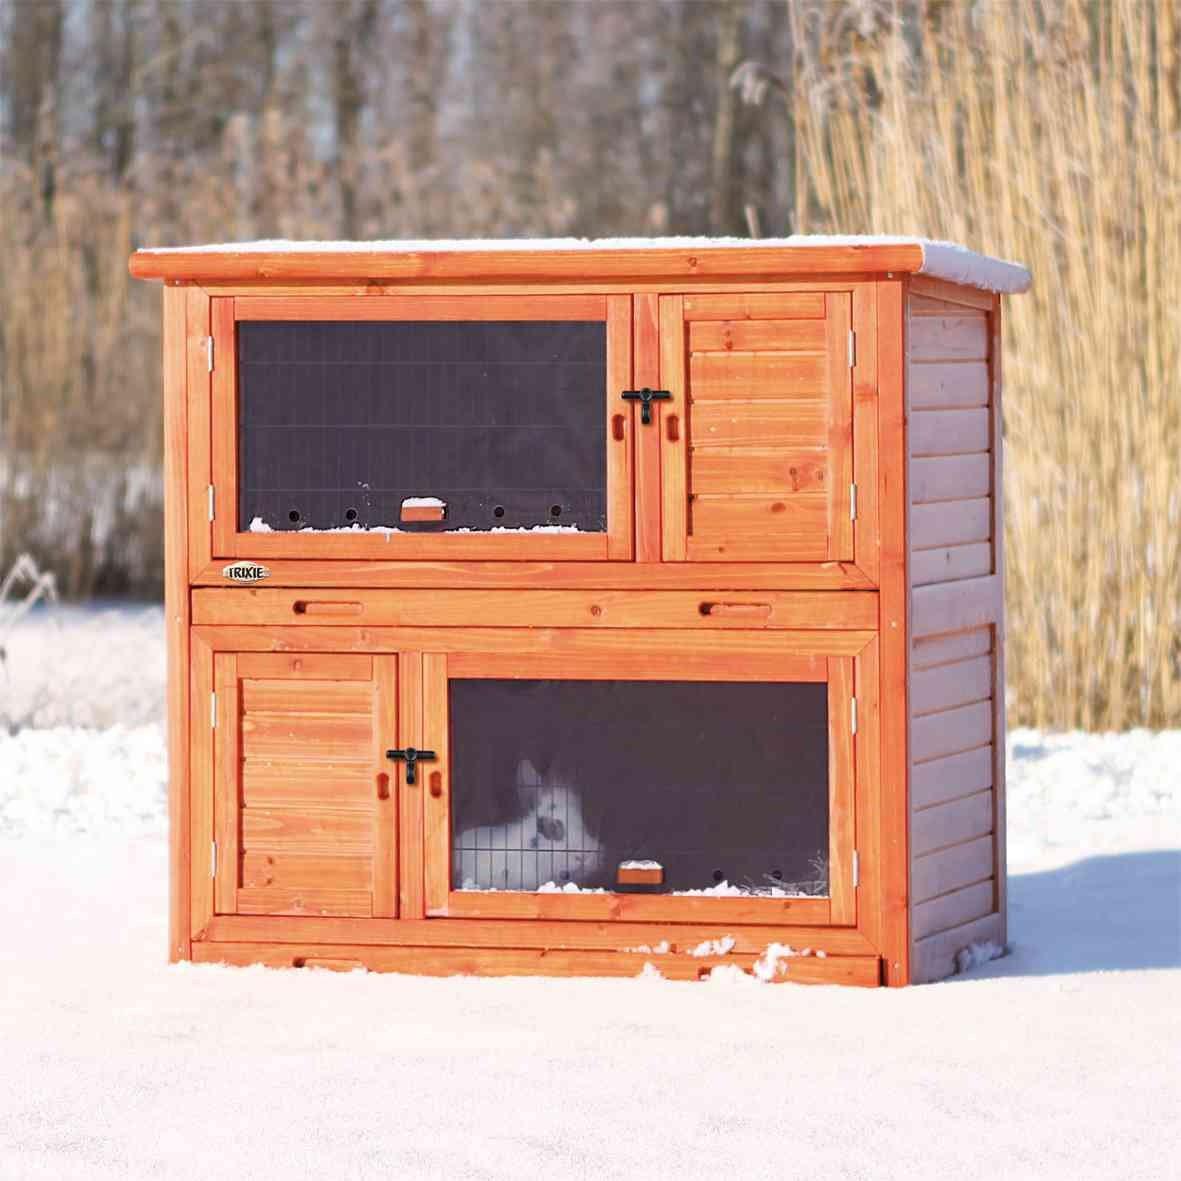 TRIXIE Kaninchenstall winterfest mit Wärmedämmung isoliert 62404